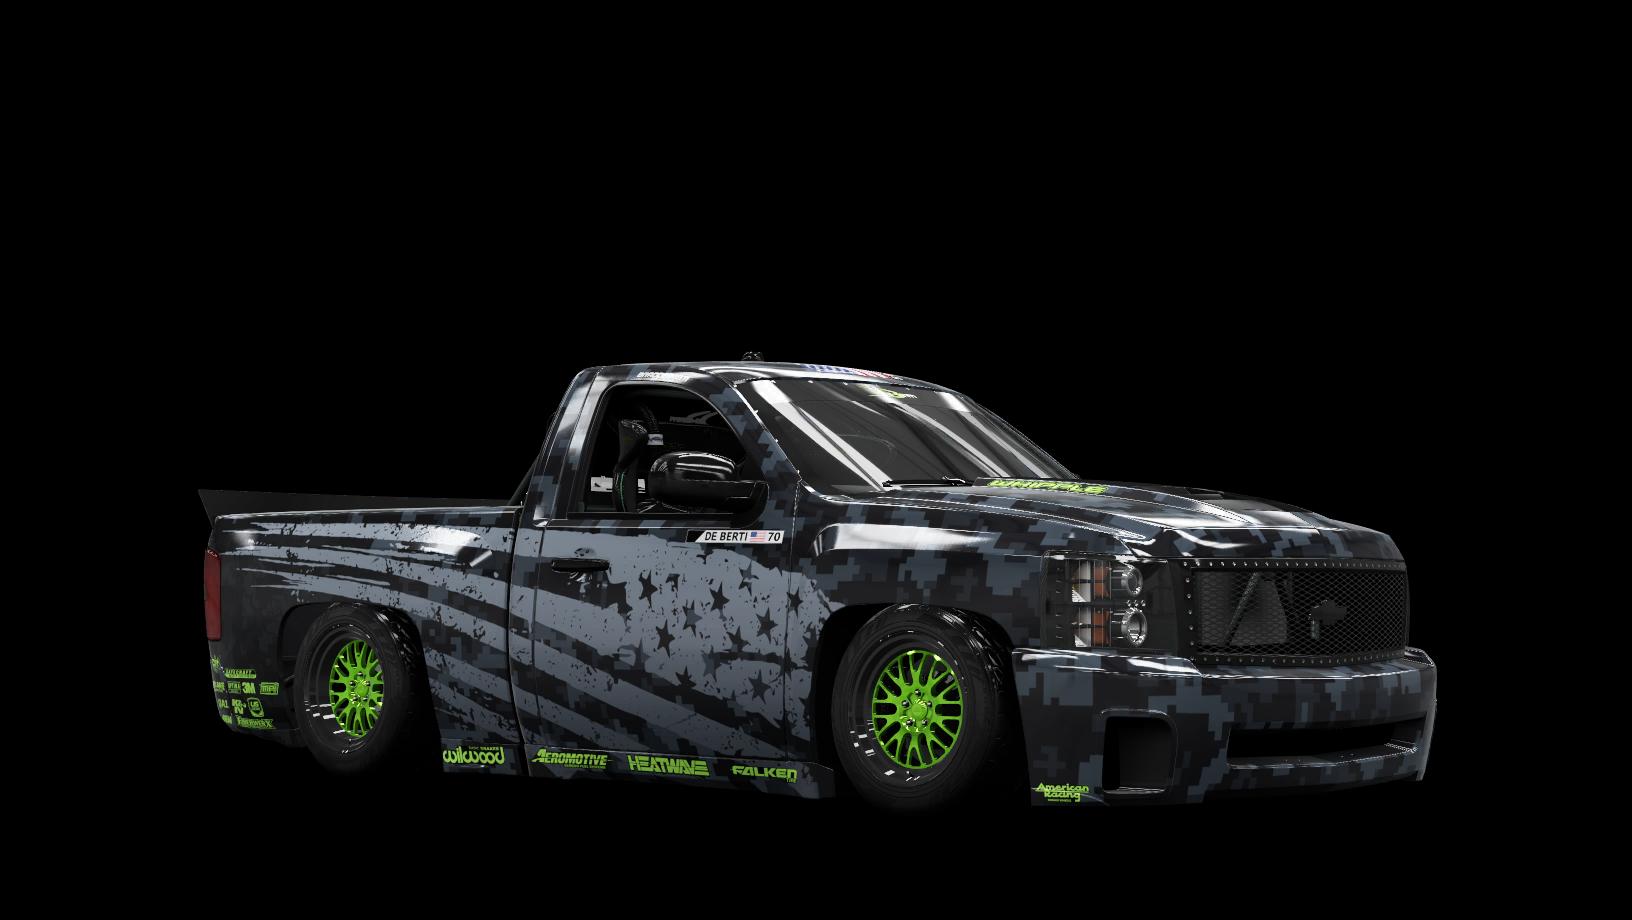 Chevrolet Silverado 1500 DeBerti Design Drift Truck